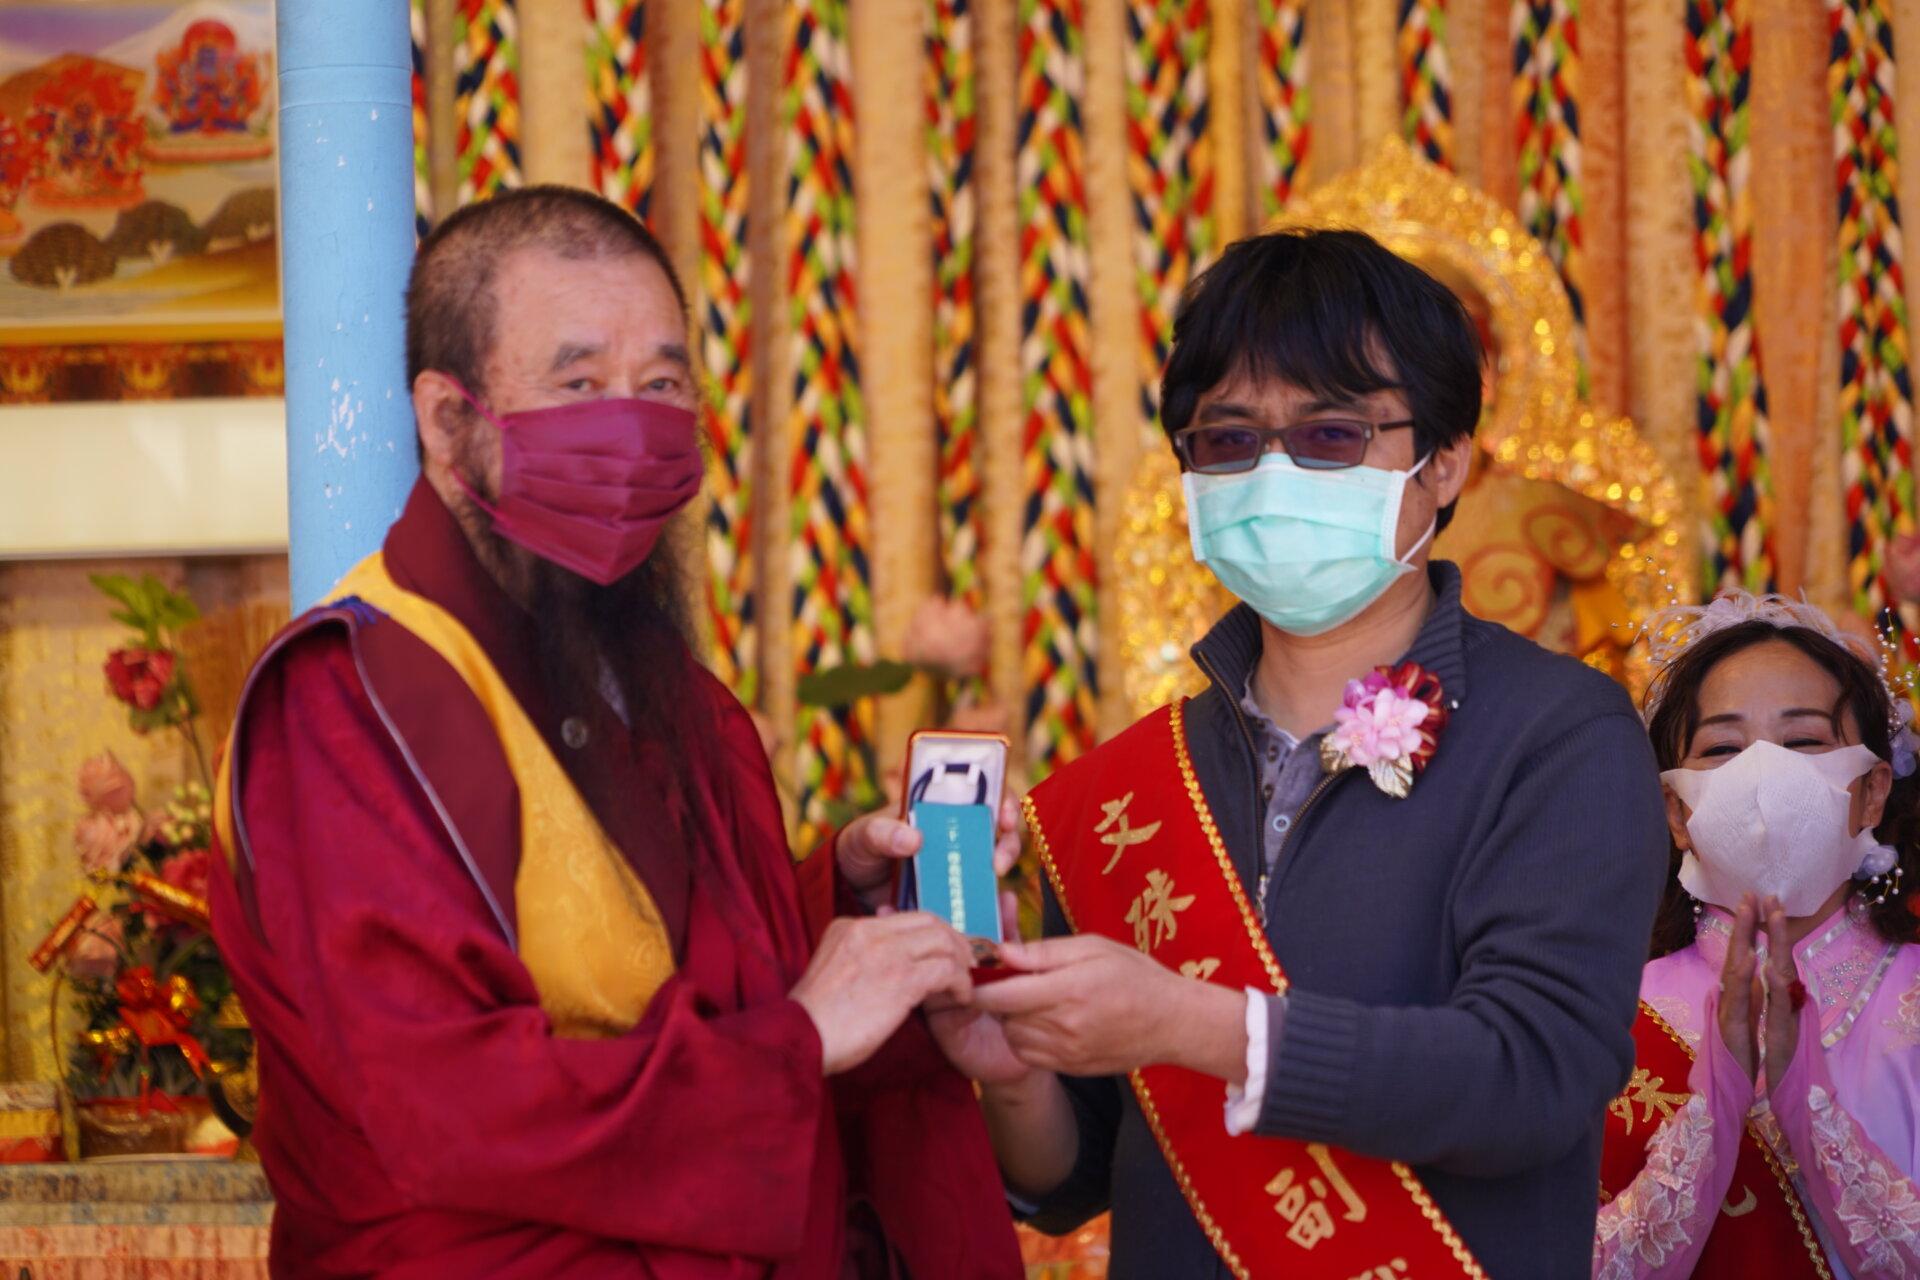 行動佛殿123站高雄前鎮,本會指導上師恆性嘉措仁波且致贈加持物給貴賓